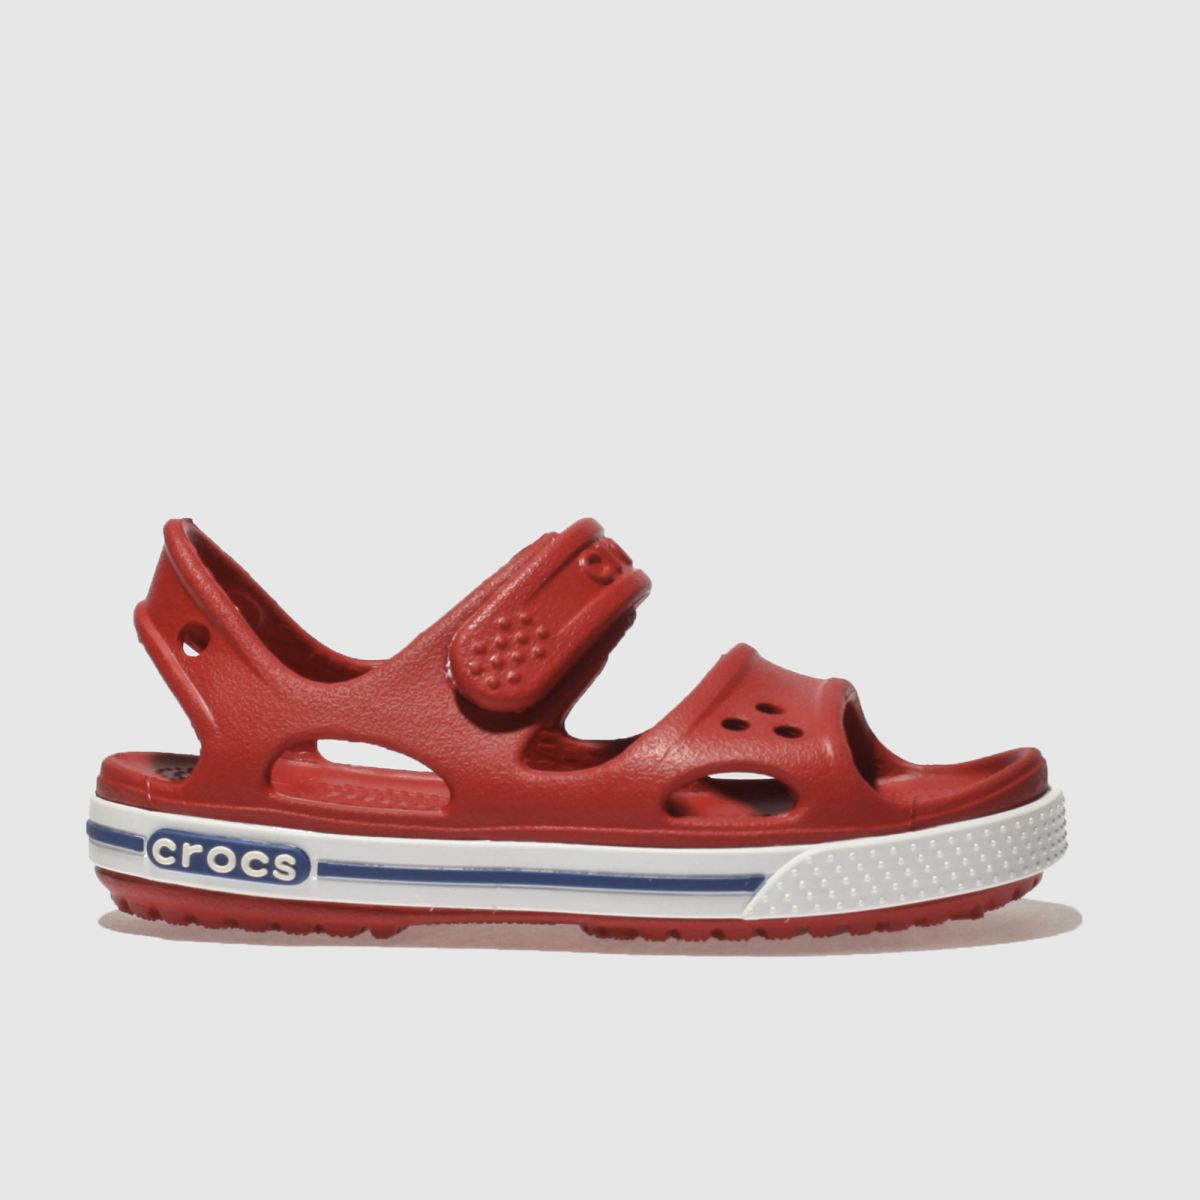 Crocs Red Crocband Ii Sandal Sandals Toddler